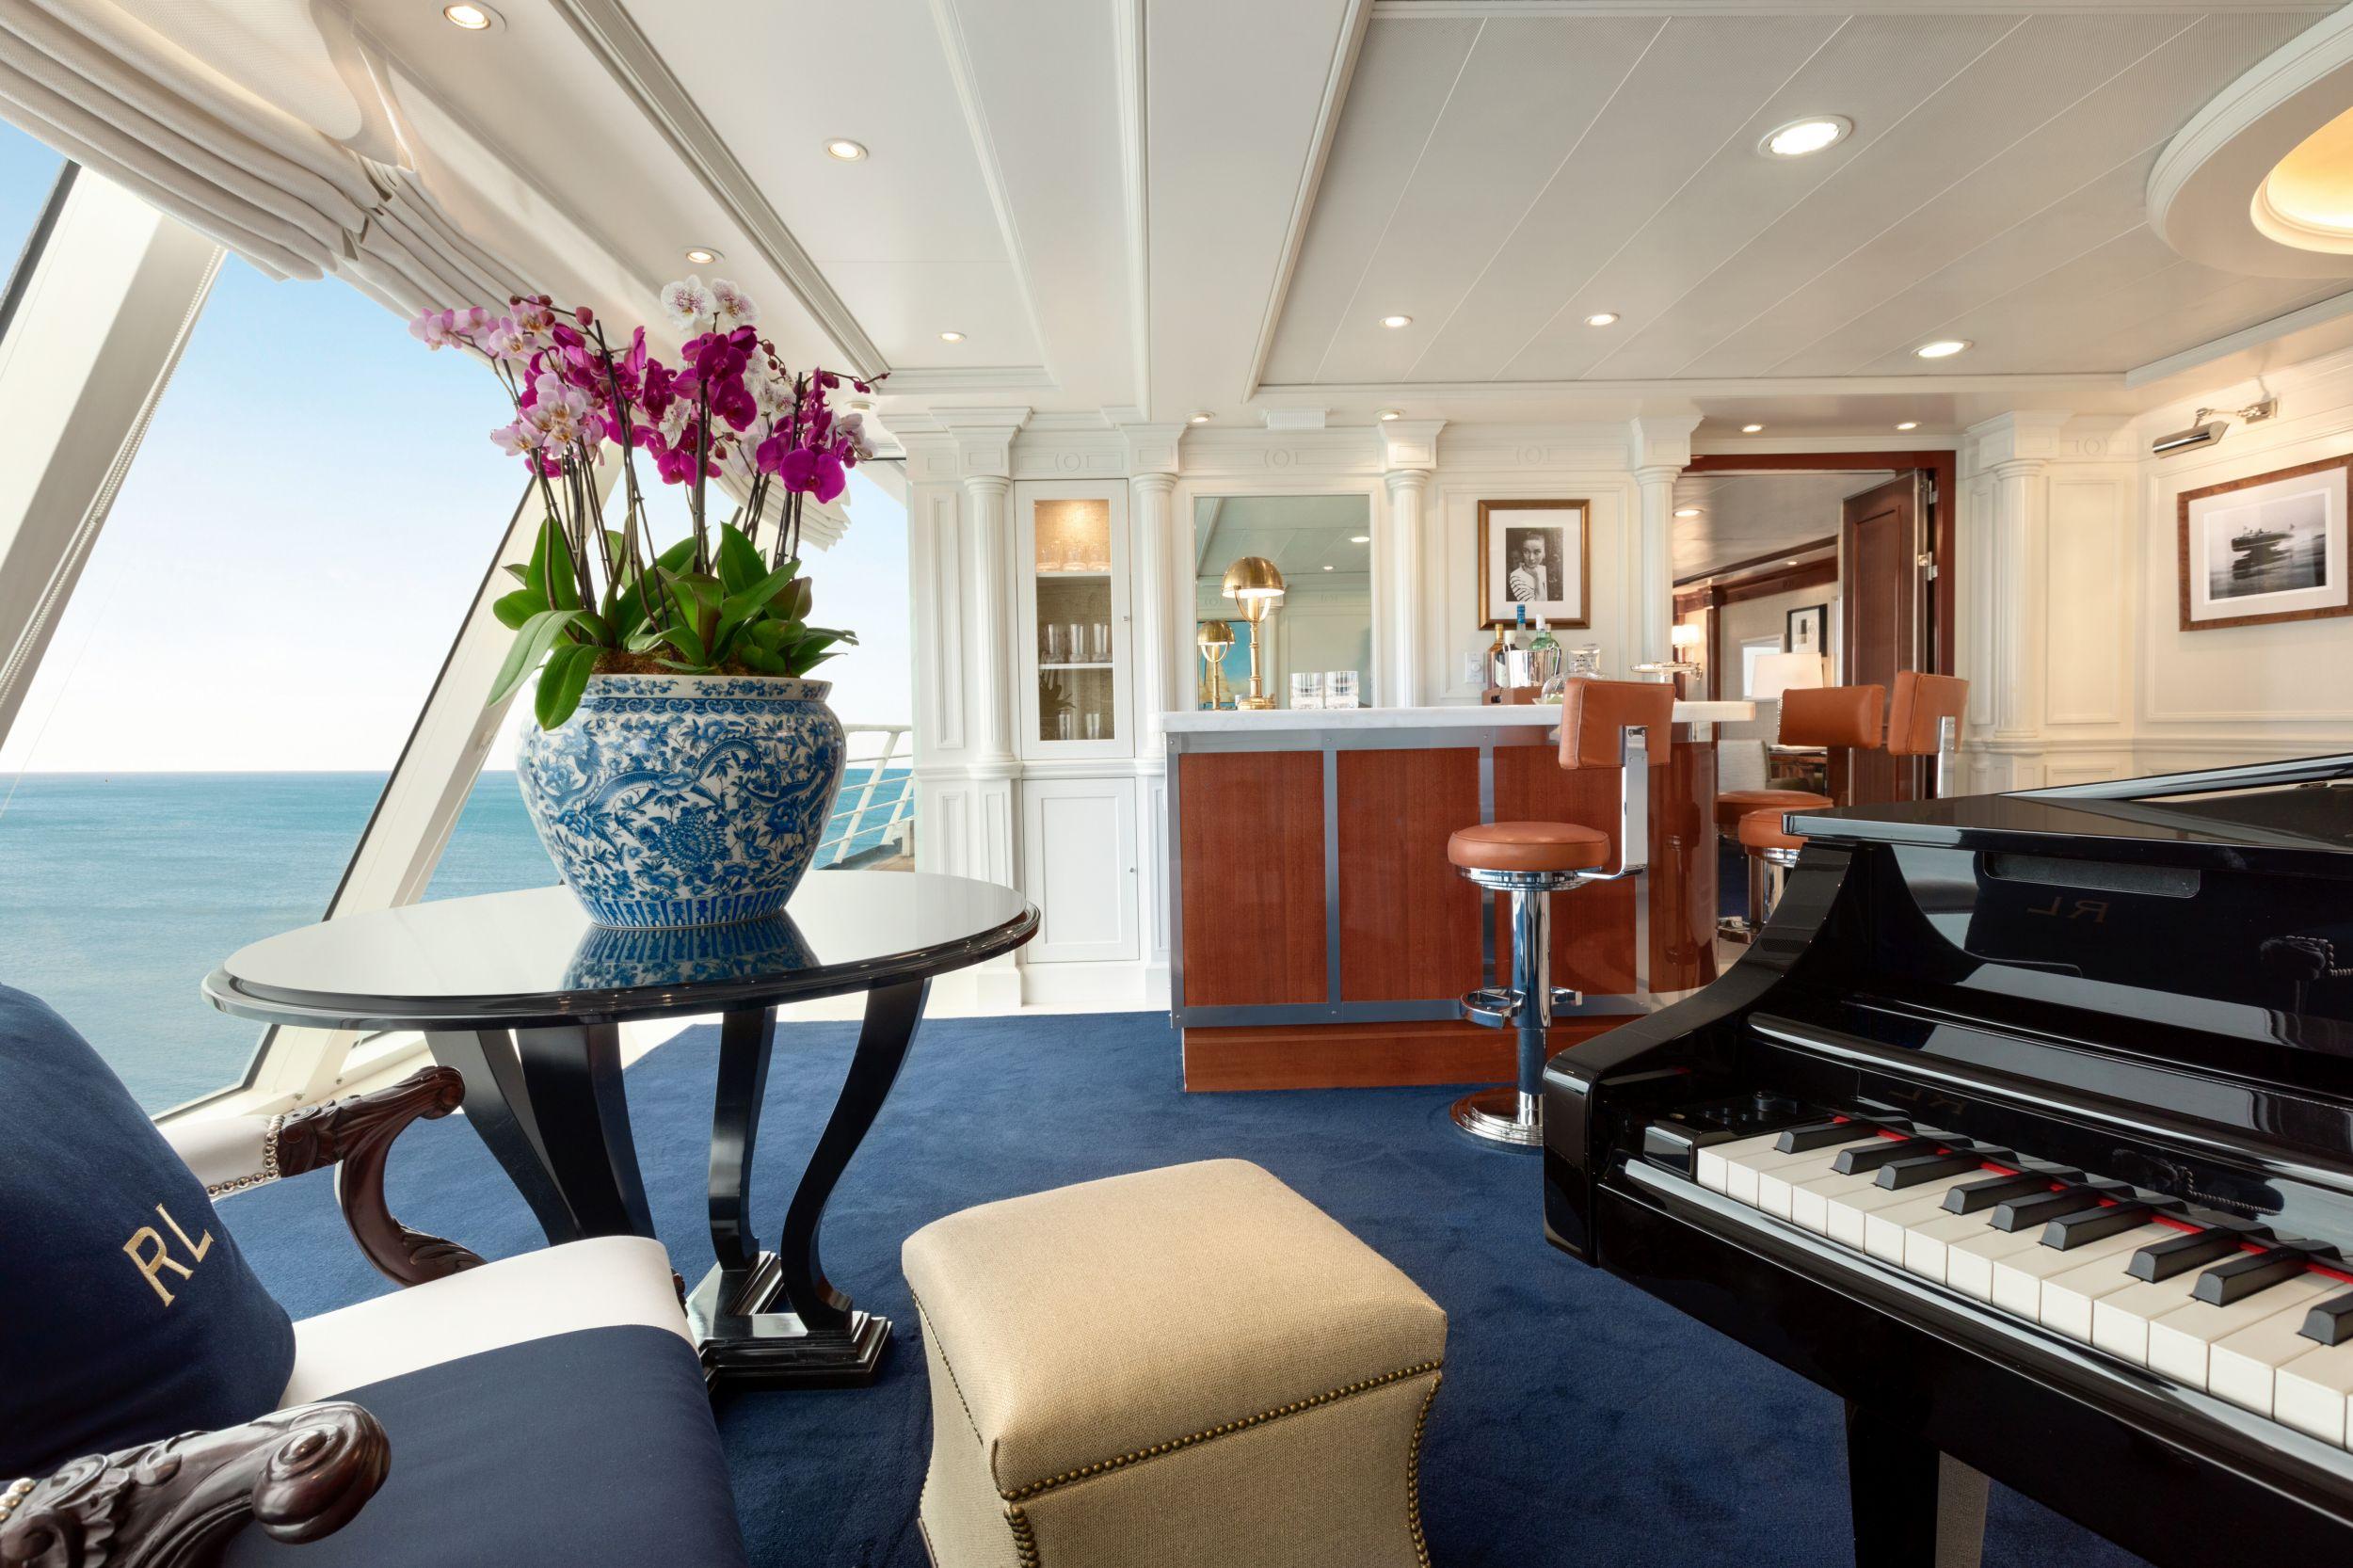 Die 200 Concierge-, 244 Veranda-Kabinen sowie 124 Penthouse Suiten der Riviera von Oceania Cruises wurden umfassend renoviert und neu ausgestattet